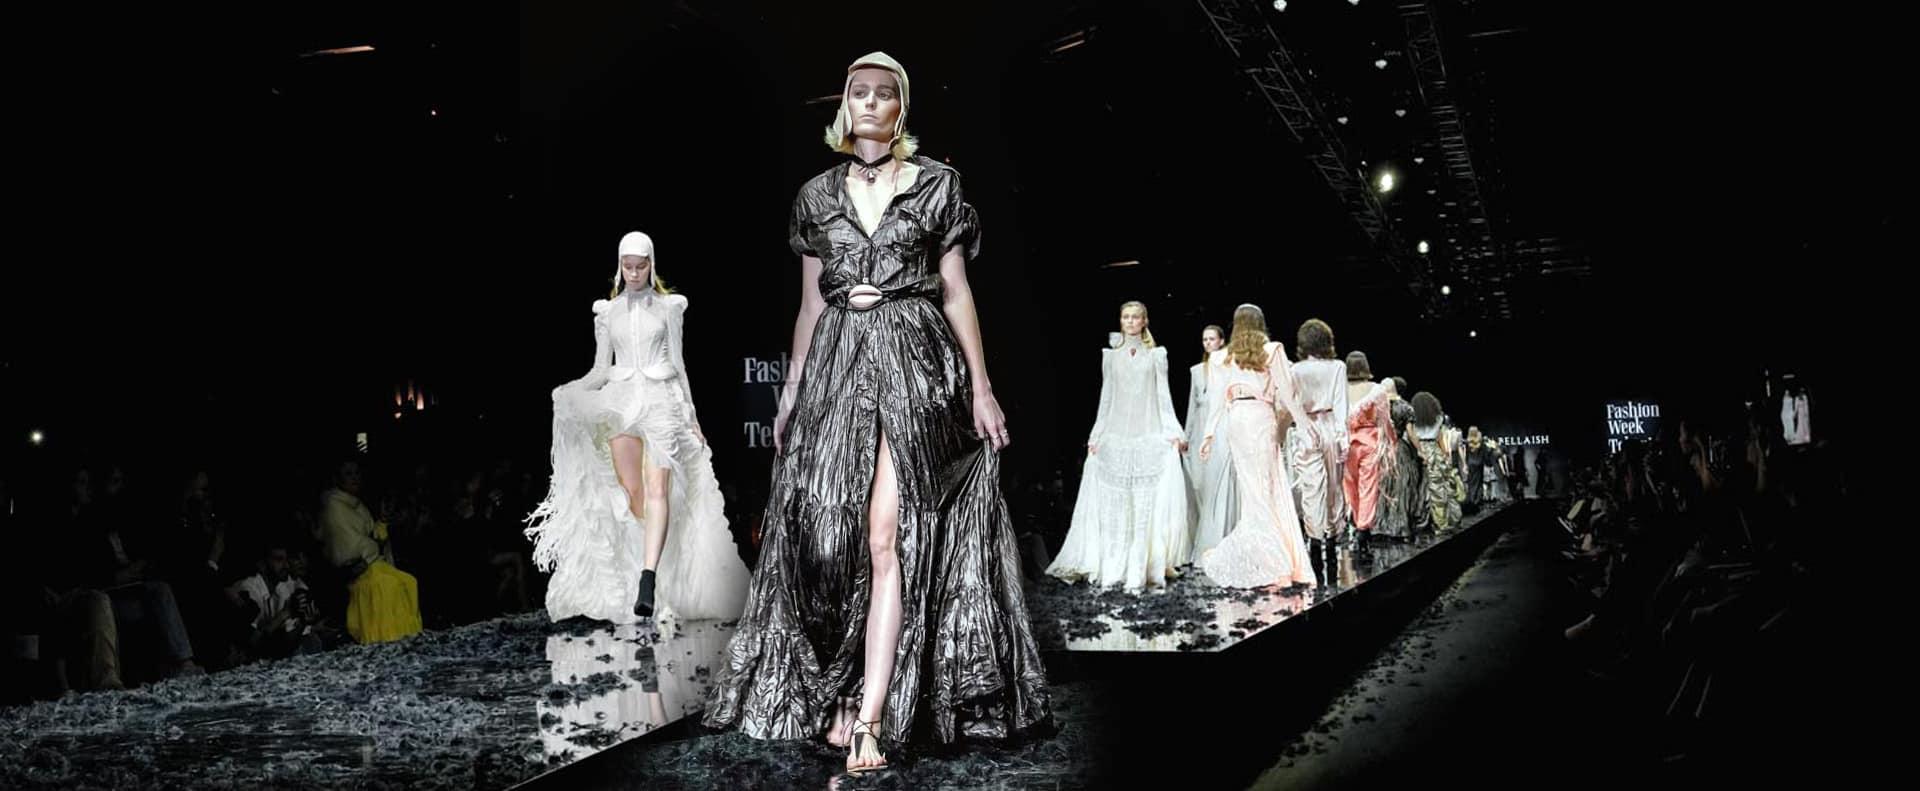 ויוי בלאיש. שבוע האופנה 2019-מגזין-אופנה-שבוע-האופנה